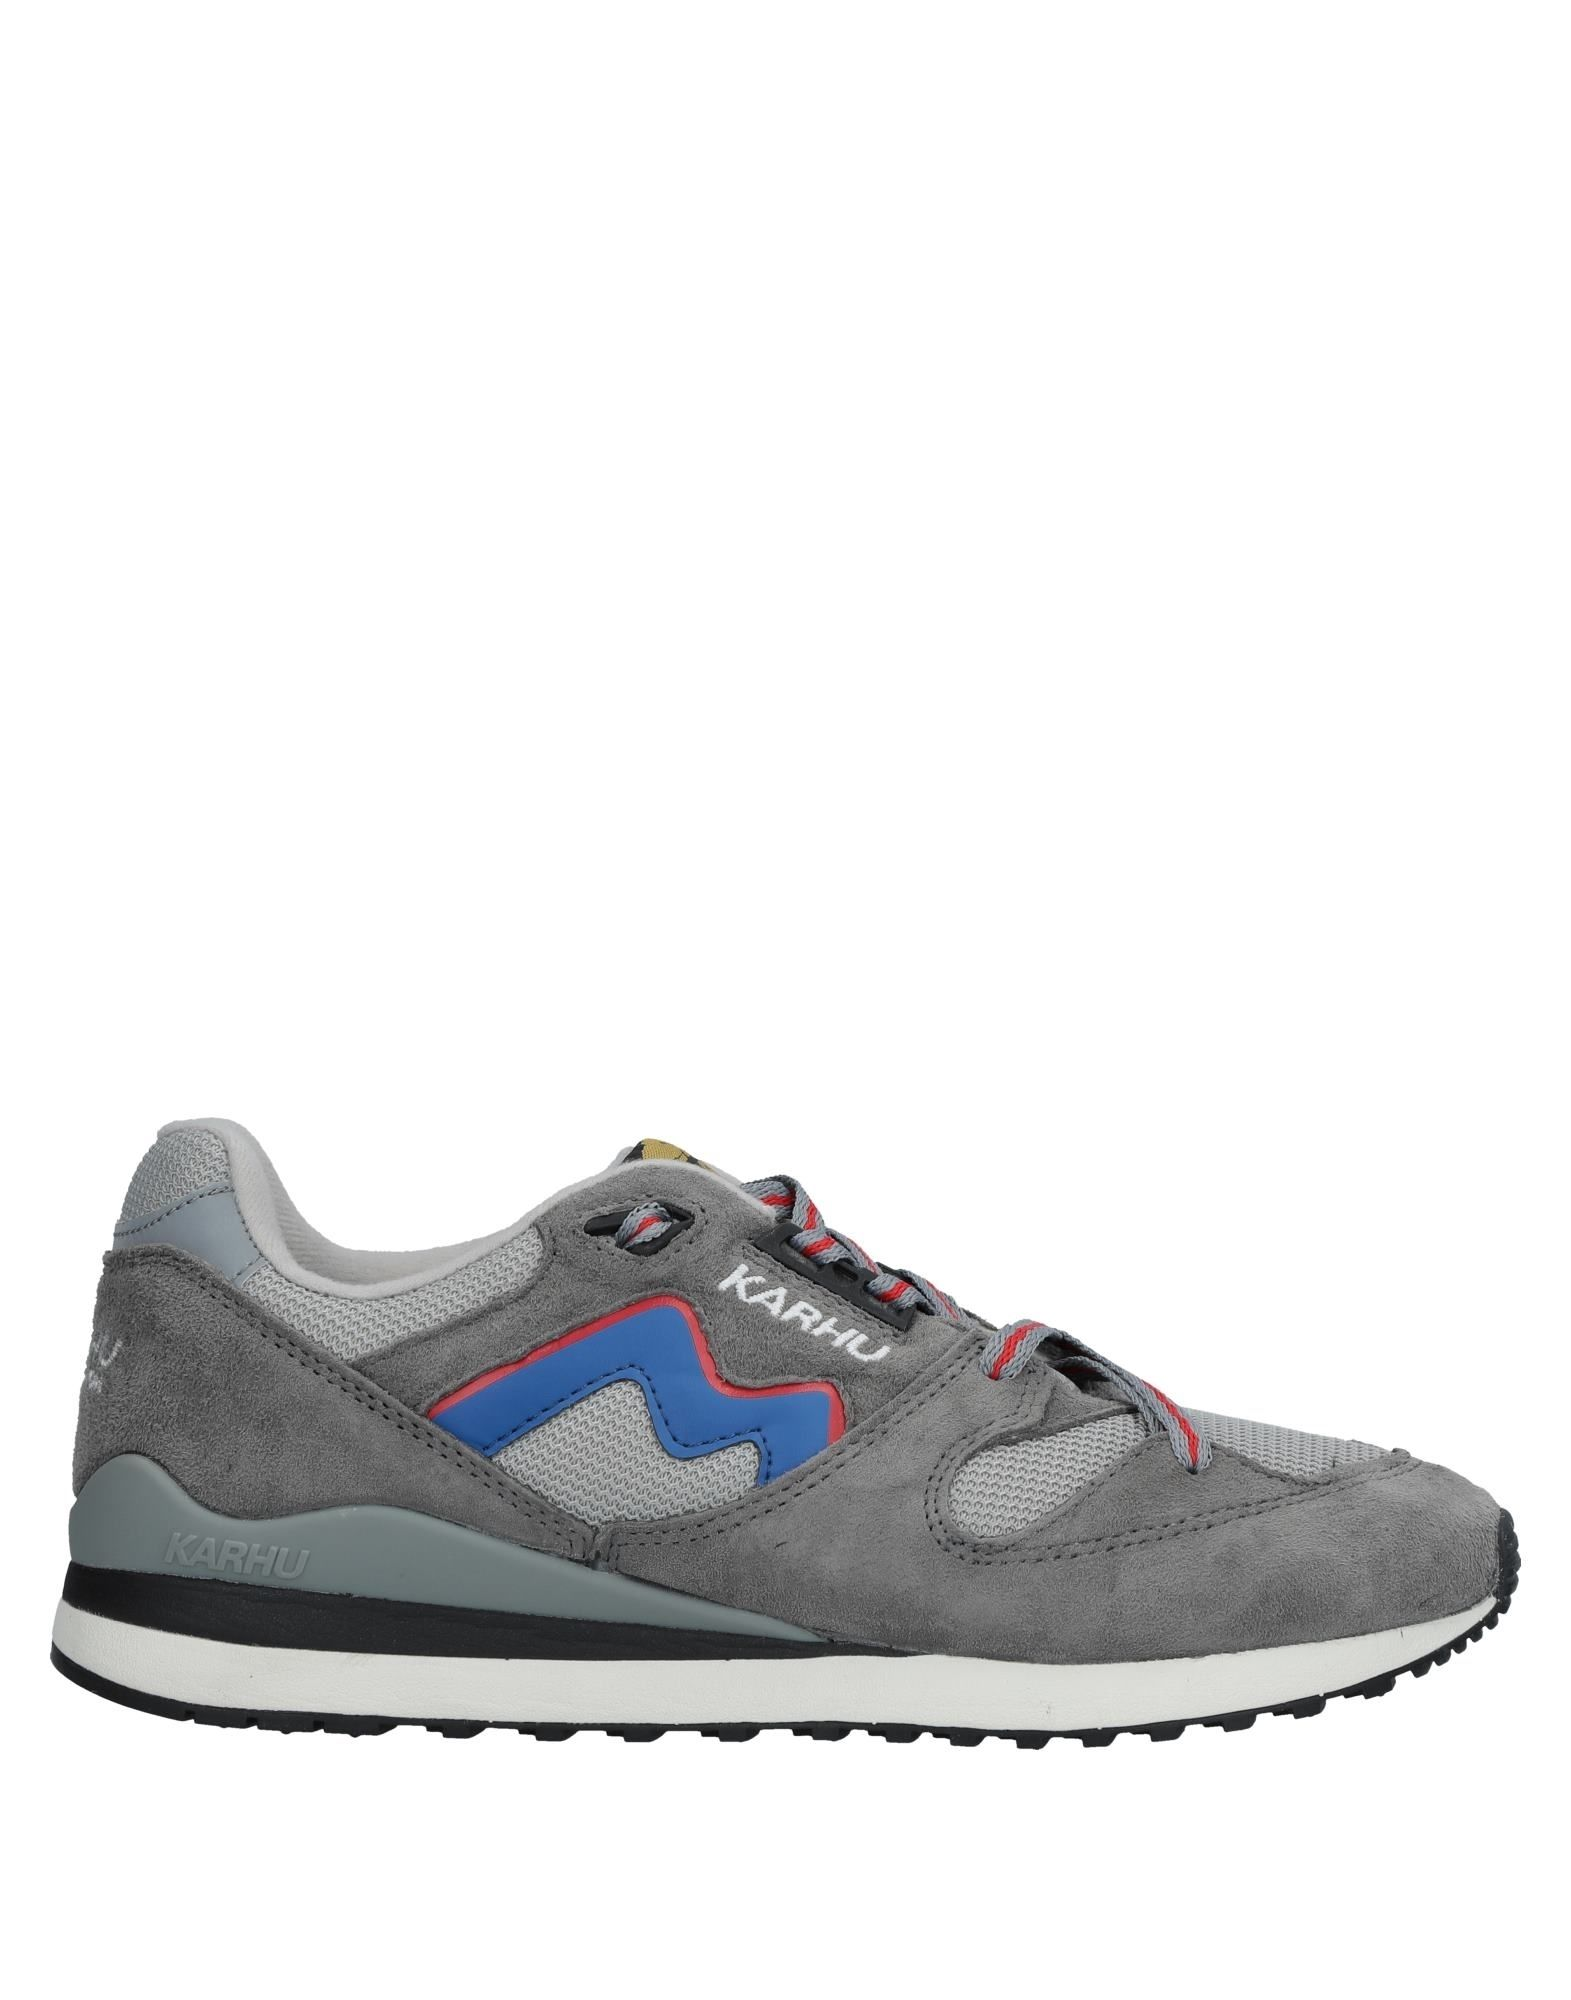 Rabatt echte Schuhe Karhu Sneakers Herren  11524209VM